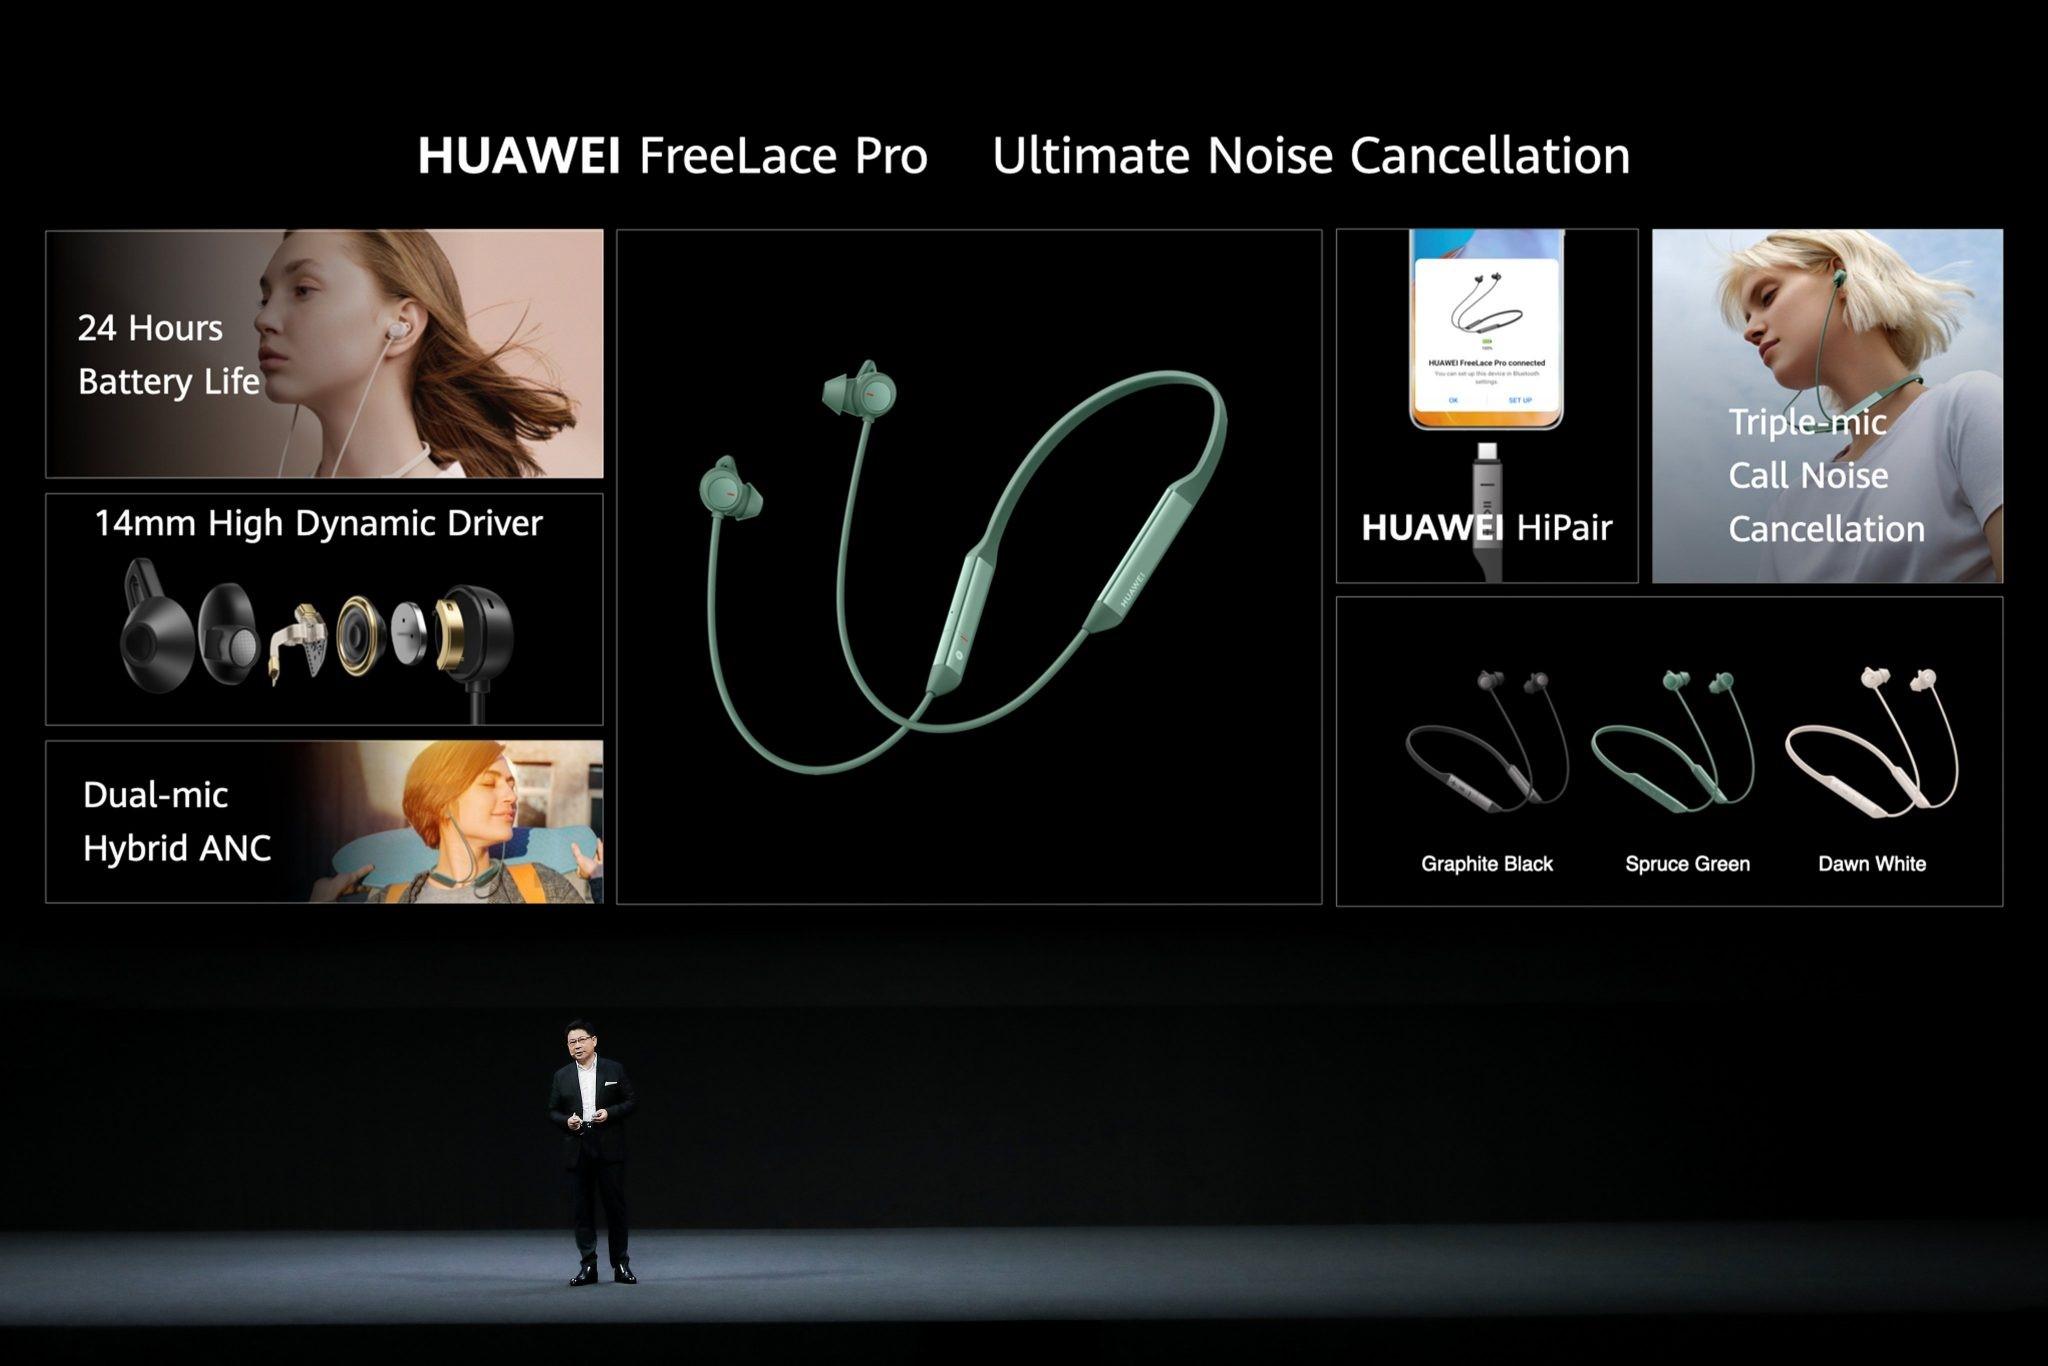 معرفی شش محصول جدید هوآوی در رویداد HDC 2020؛ از لپتاپ تا ساعت هوشمند و هندزفری